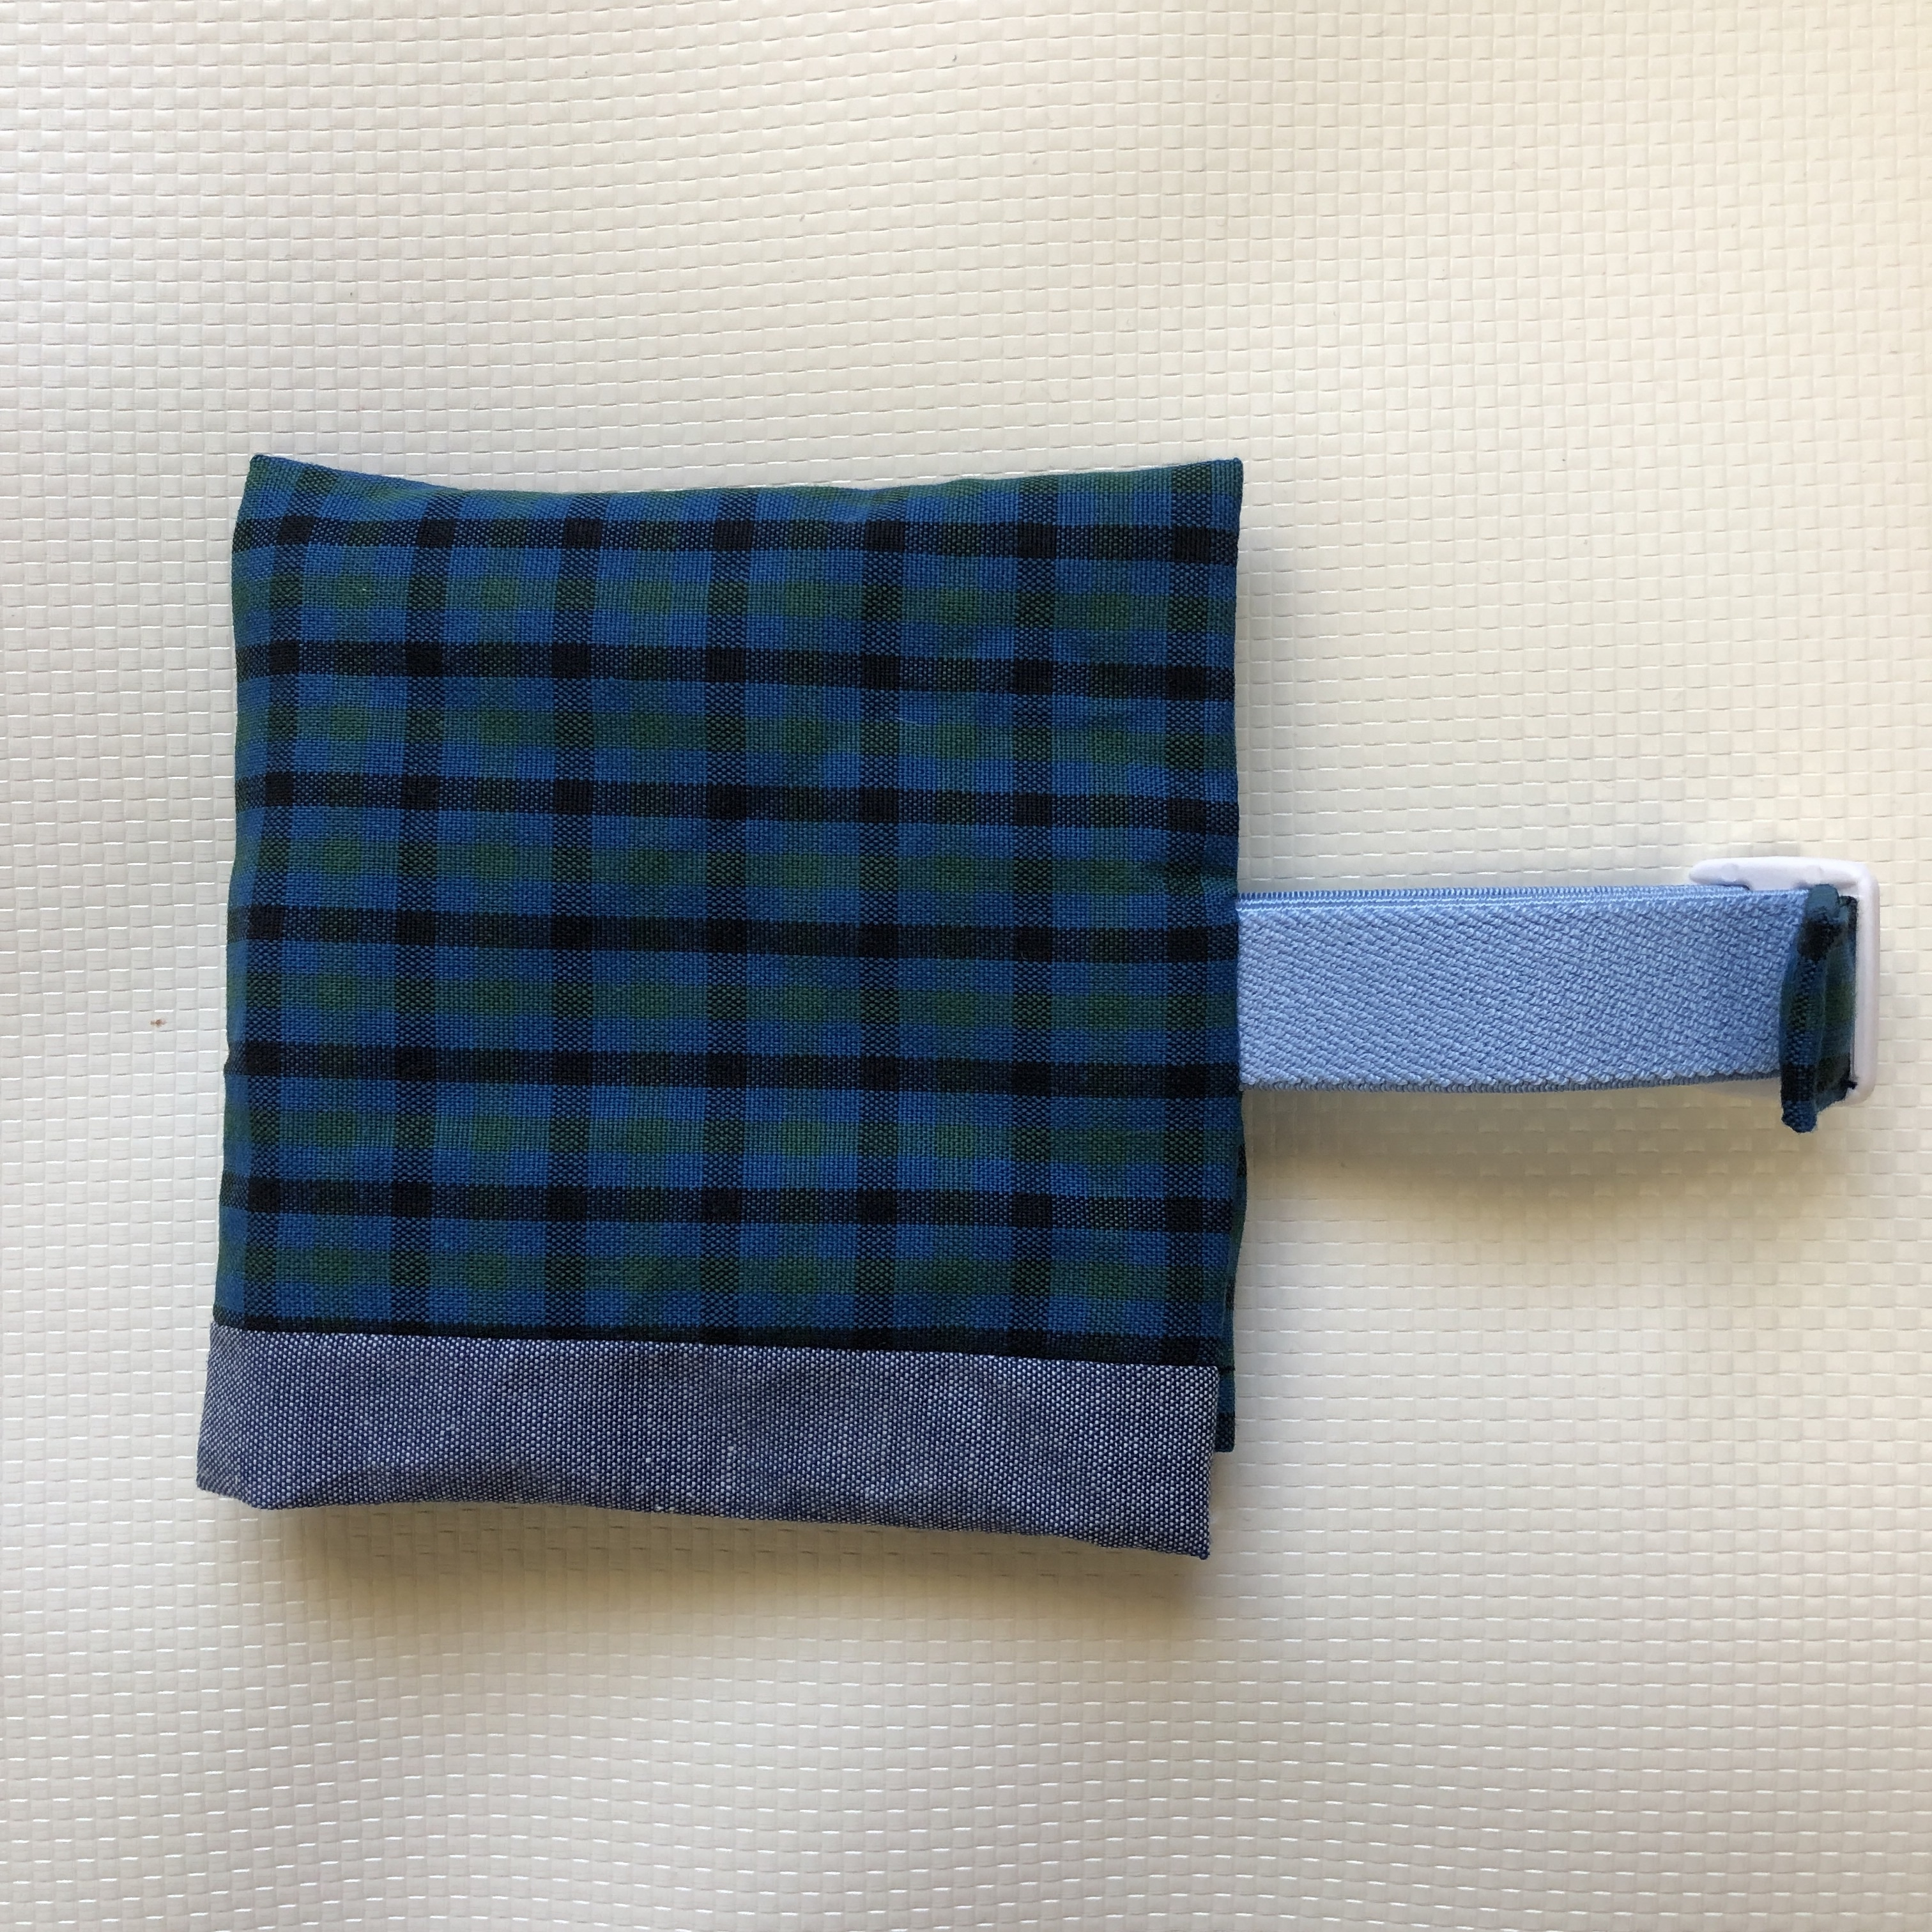 緑タータンxダンガリー(水色ベルト)  保冷袋付きランチベルト (新サイズ)